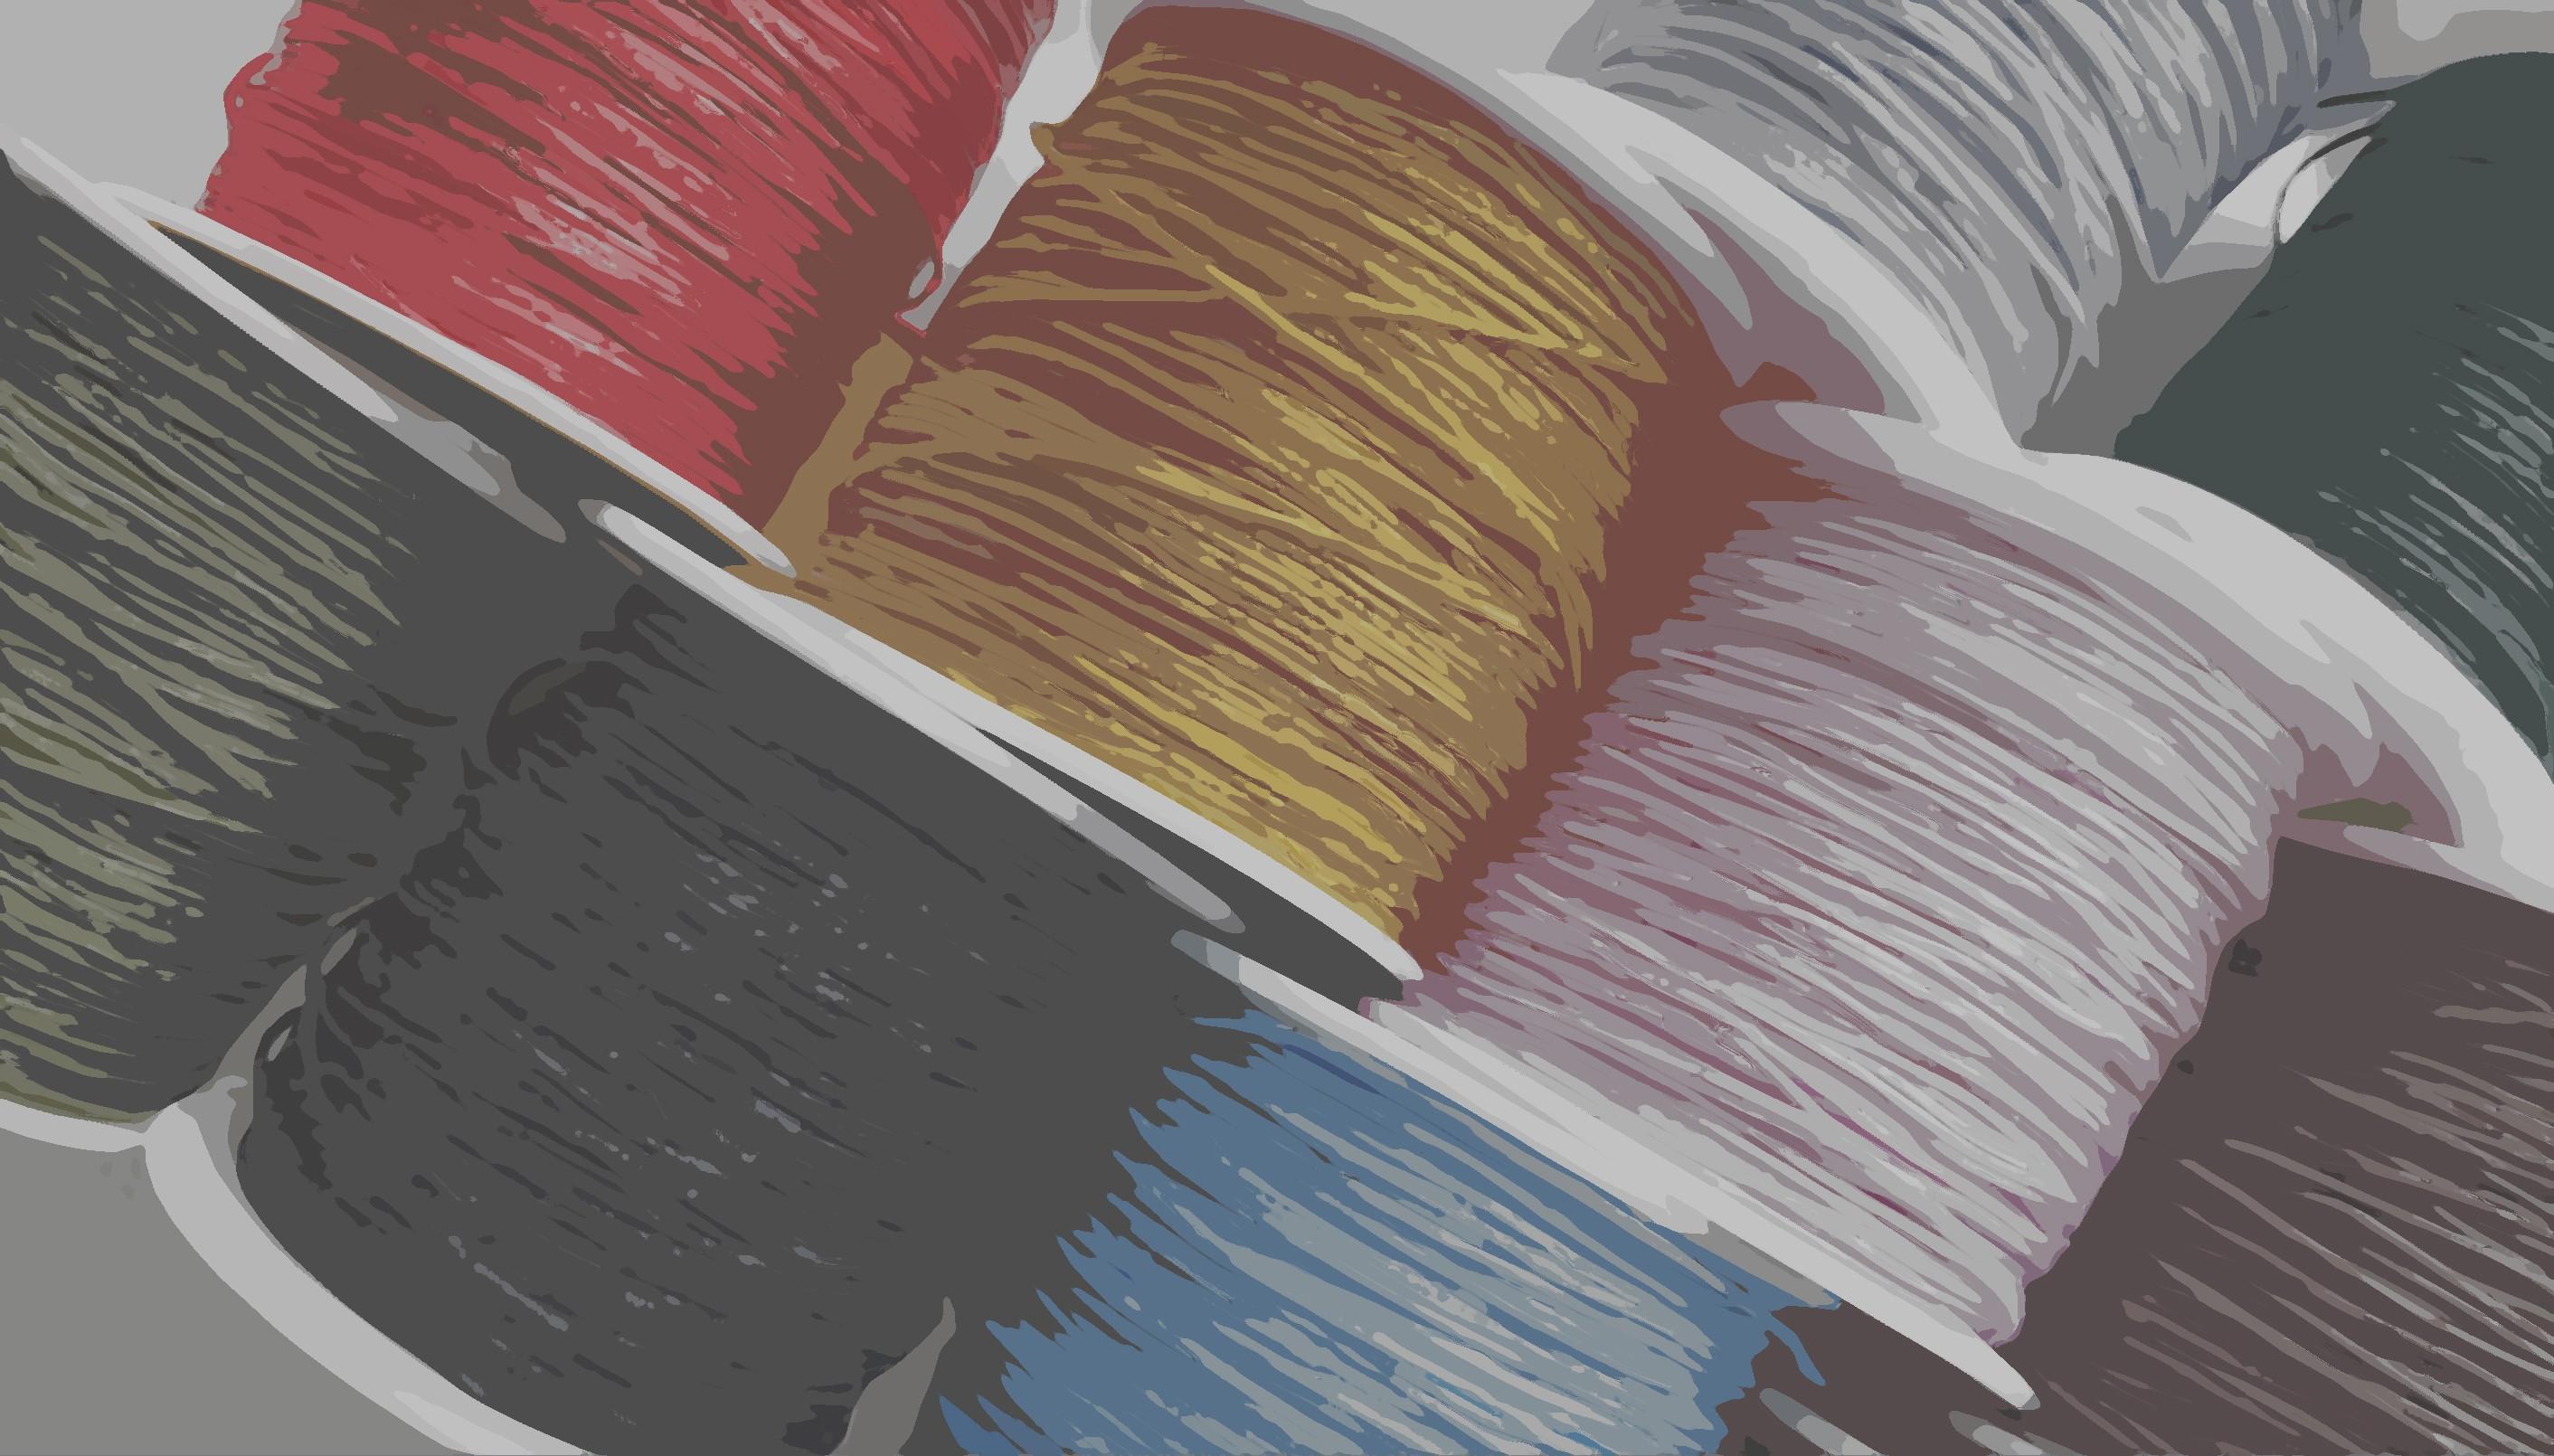 wybierz kolor sznurka do Twojej bransoletki!